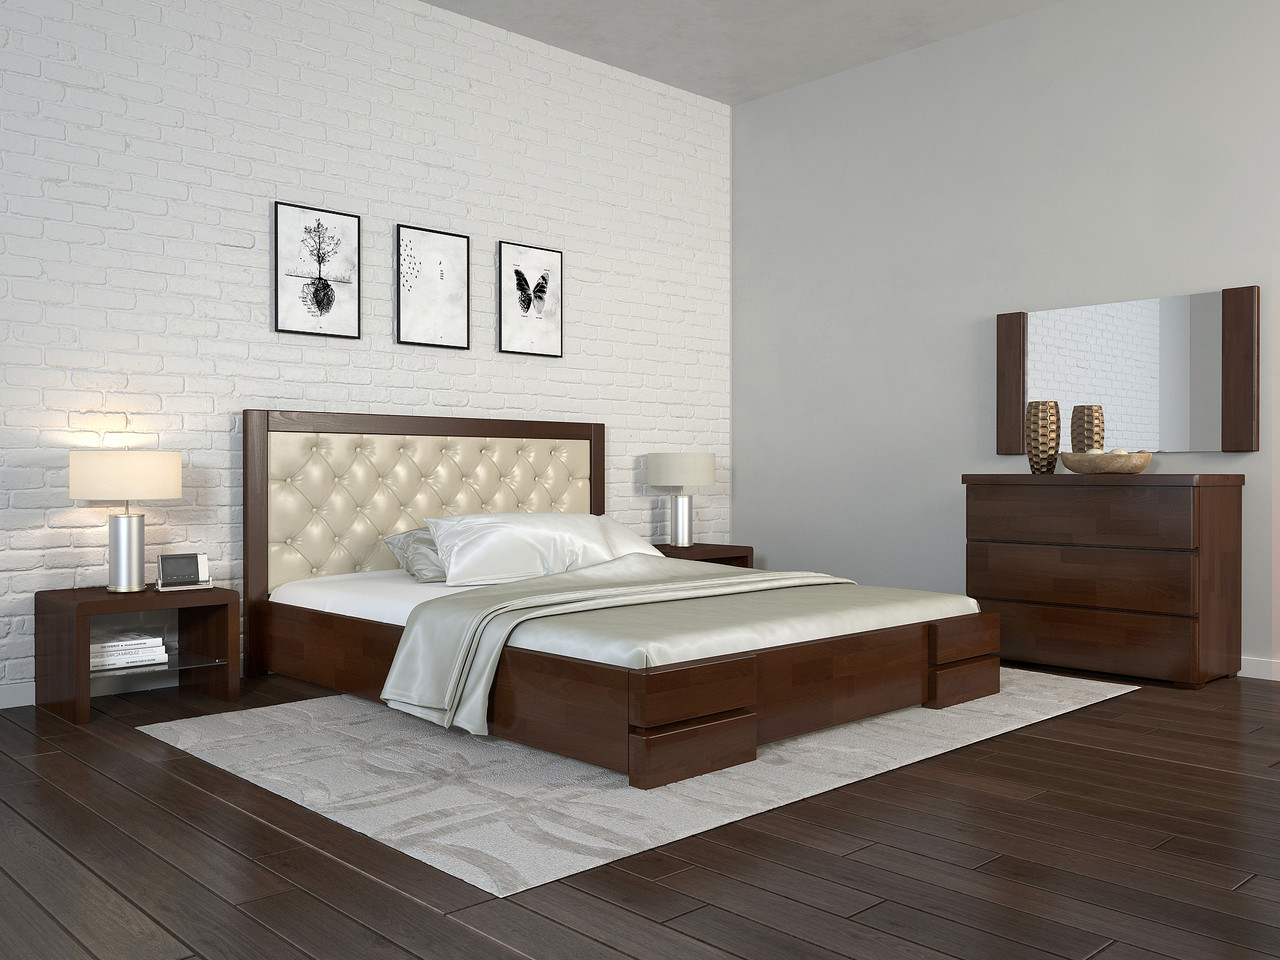 Ліжко з механізмом Arbordrev Регіна люкс ромби (180*200) бук